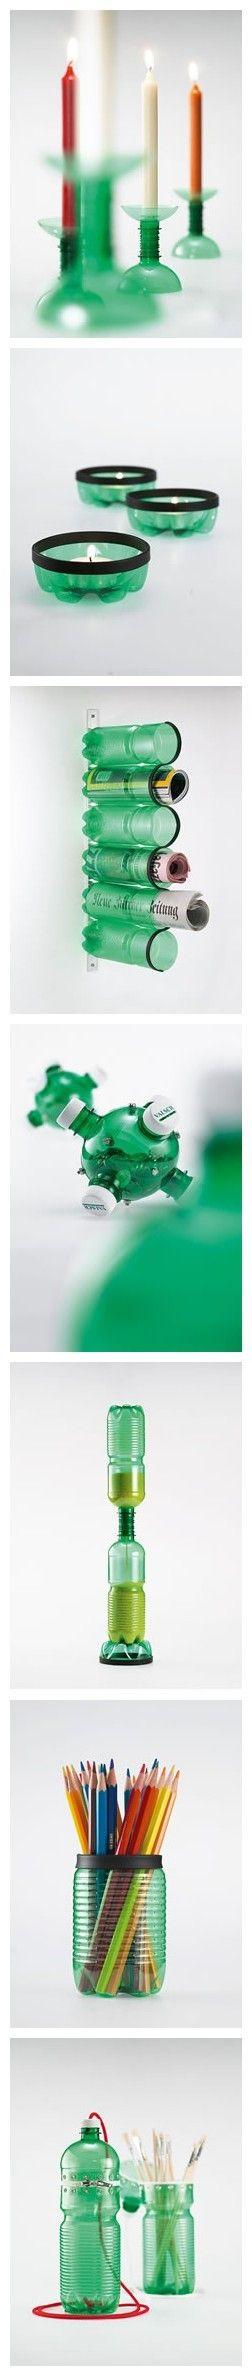 Idéias para reciclagem de Pet - Plastic Bottles - DIY - Reciclagem de Garrafas PET e Embalagens diversas!